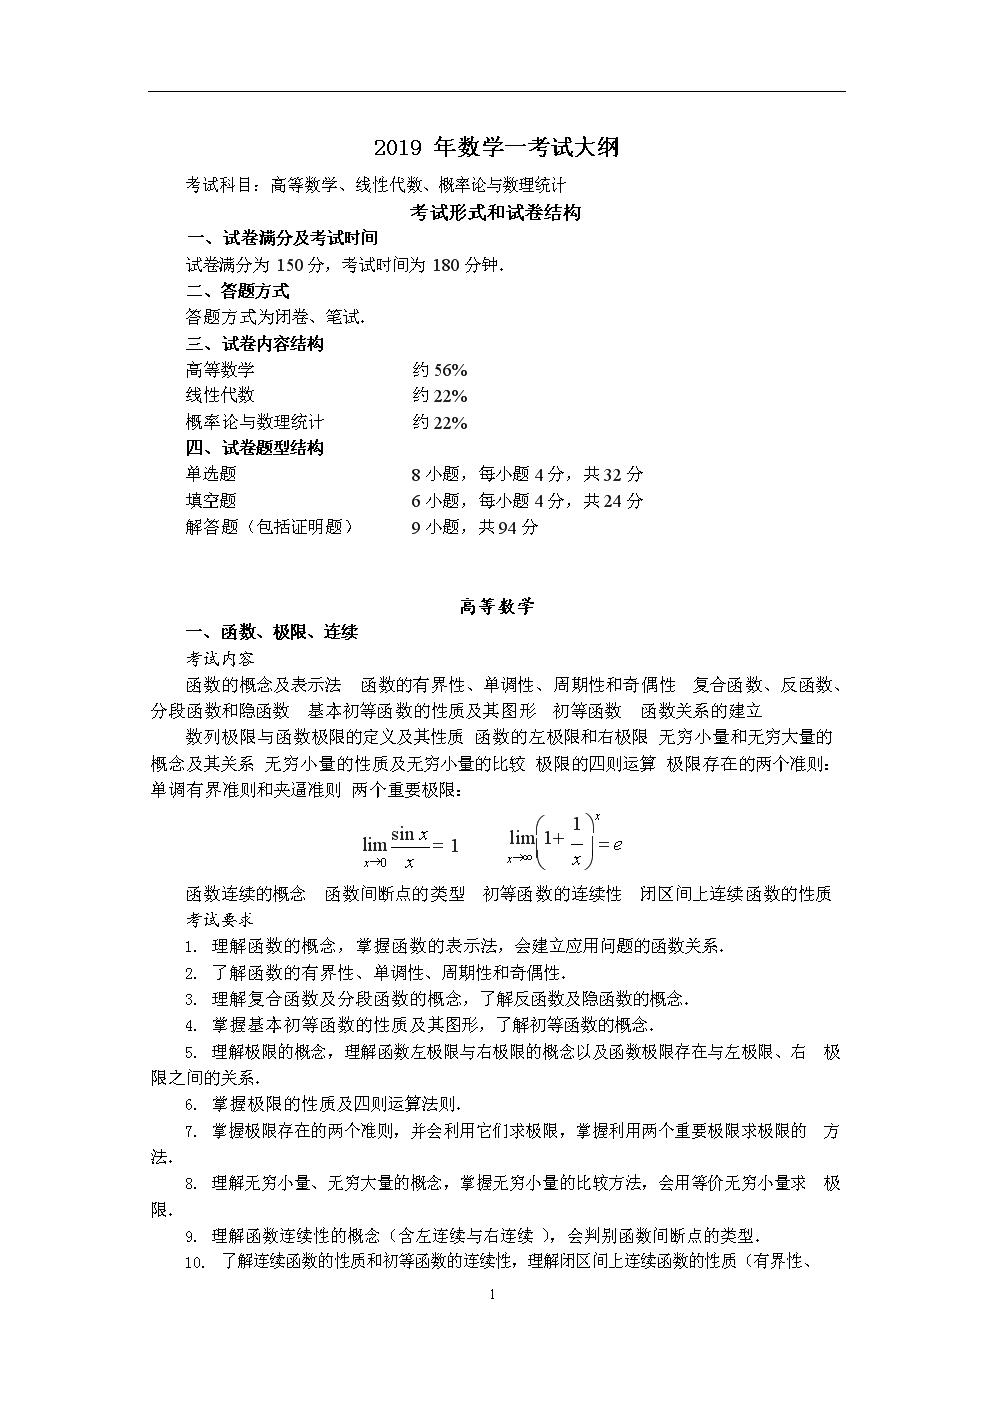 2019考研数学大纲(数一数二数三).docx